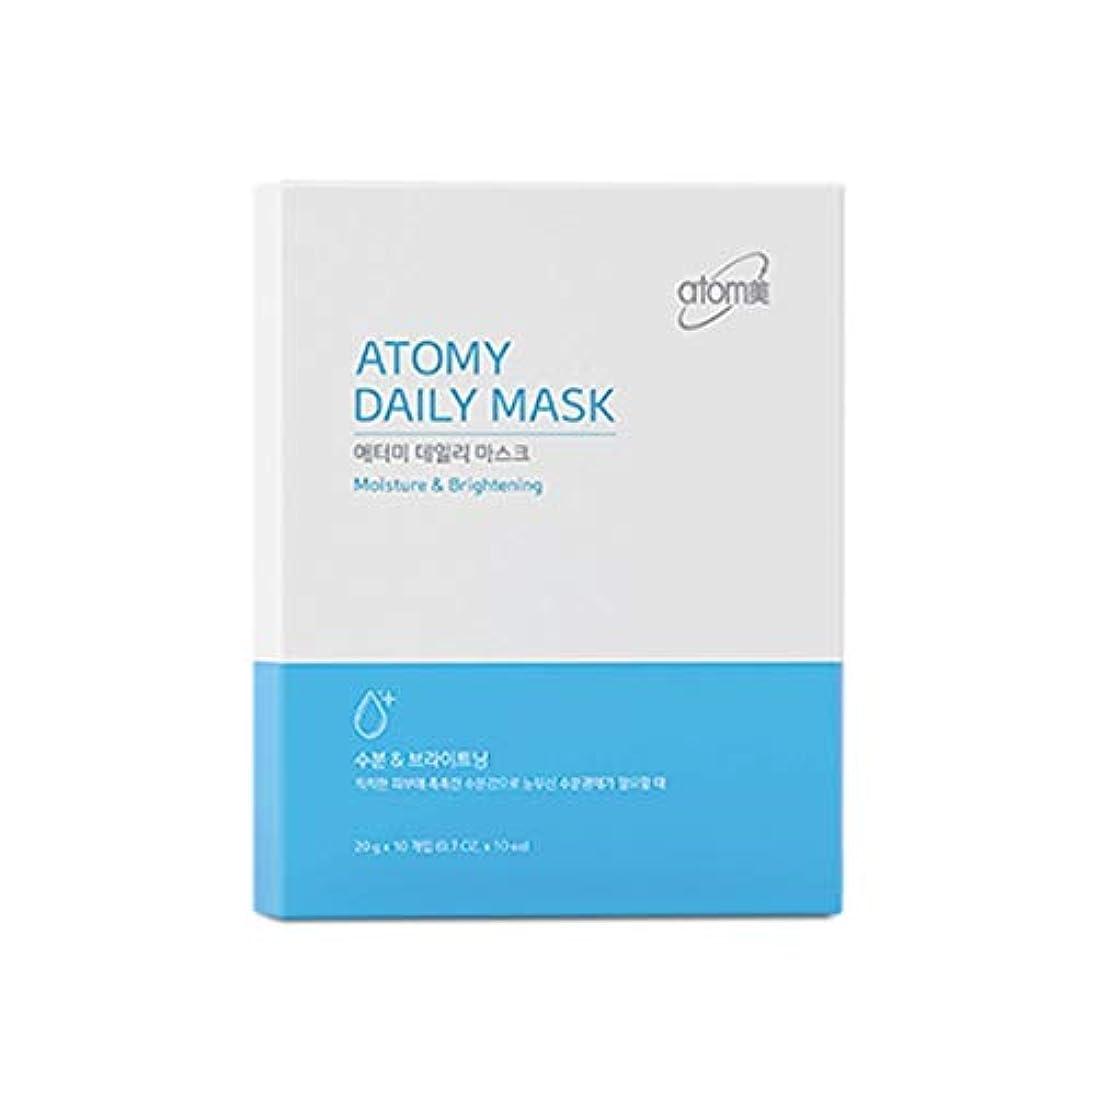 フェザー短くするバック[NEW] Atomy Daily Mask Sheet 10 Pack- Moisture & Brightening アトミ 自然由来の成分と4つの特許成分マスクパック(並行輸入品)